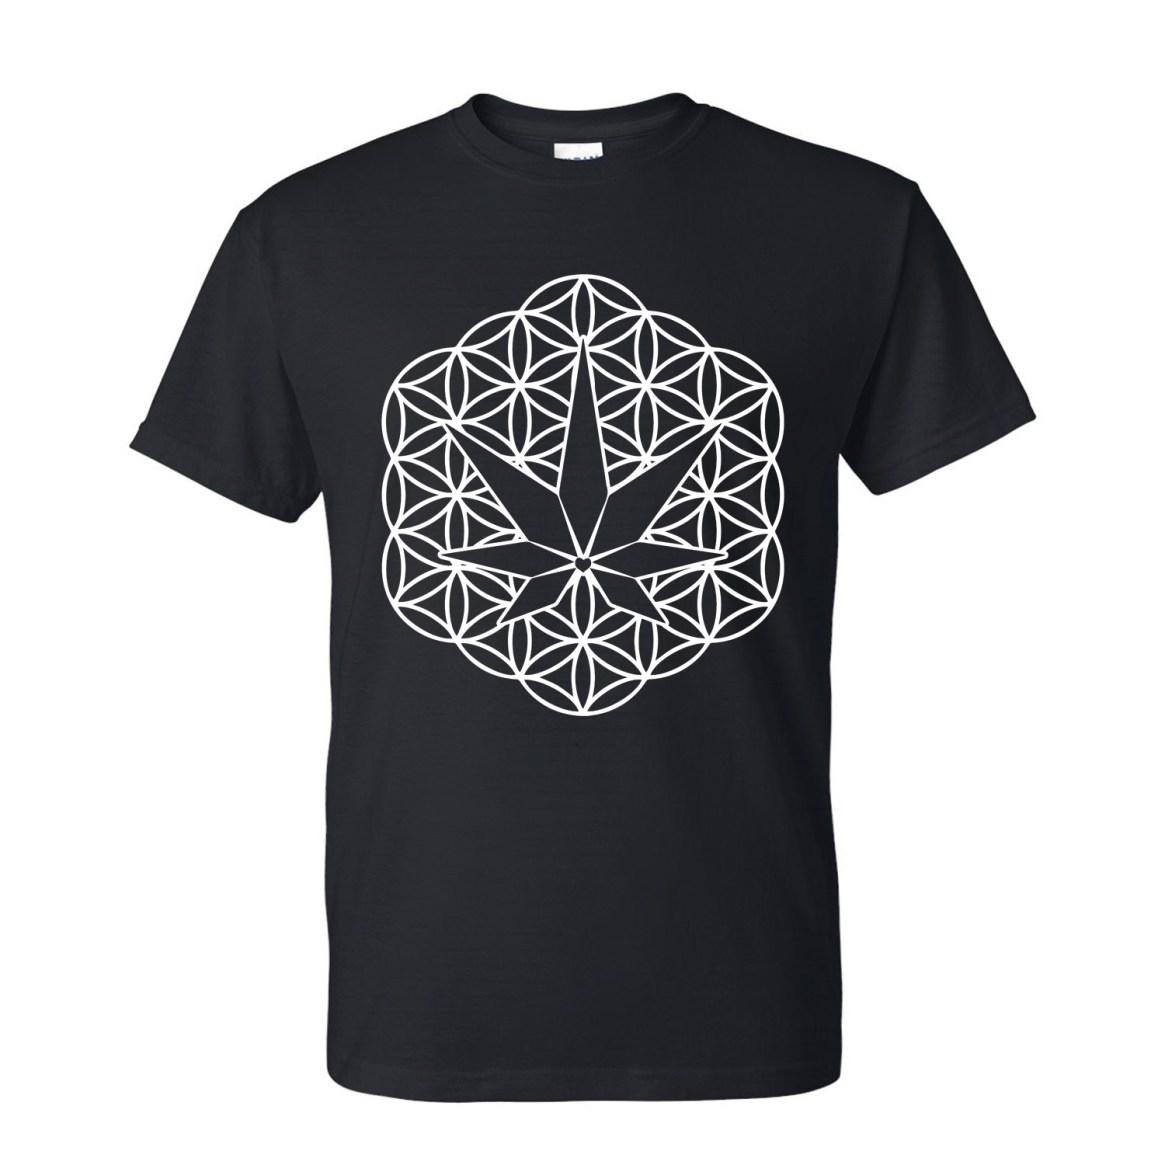 h3mp shirts geonmetric seed